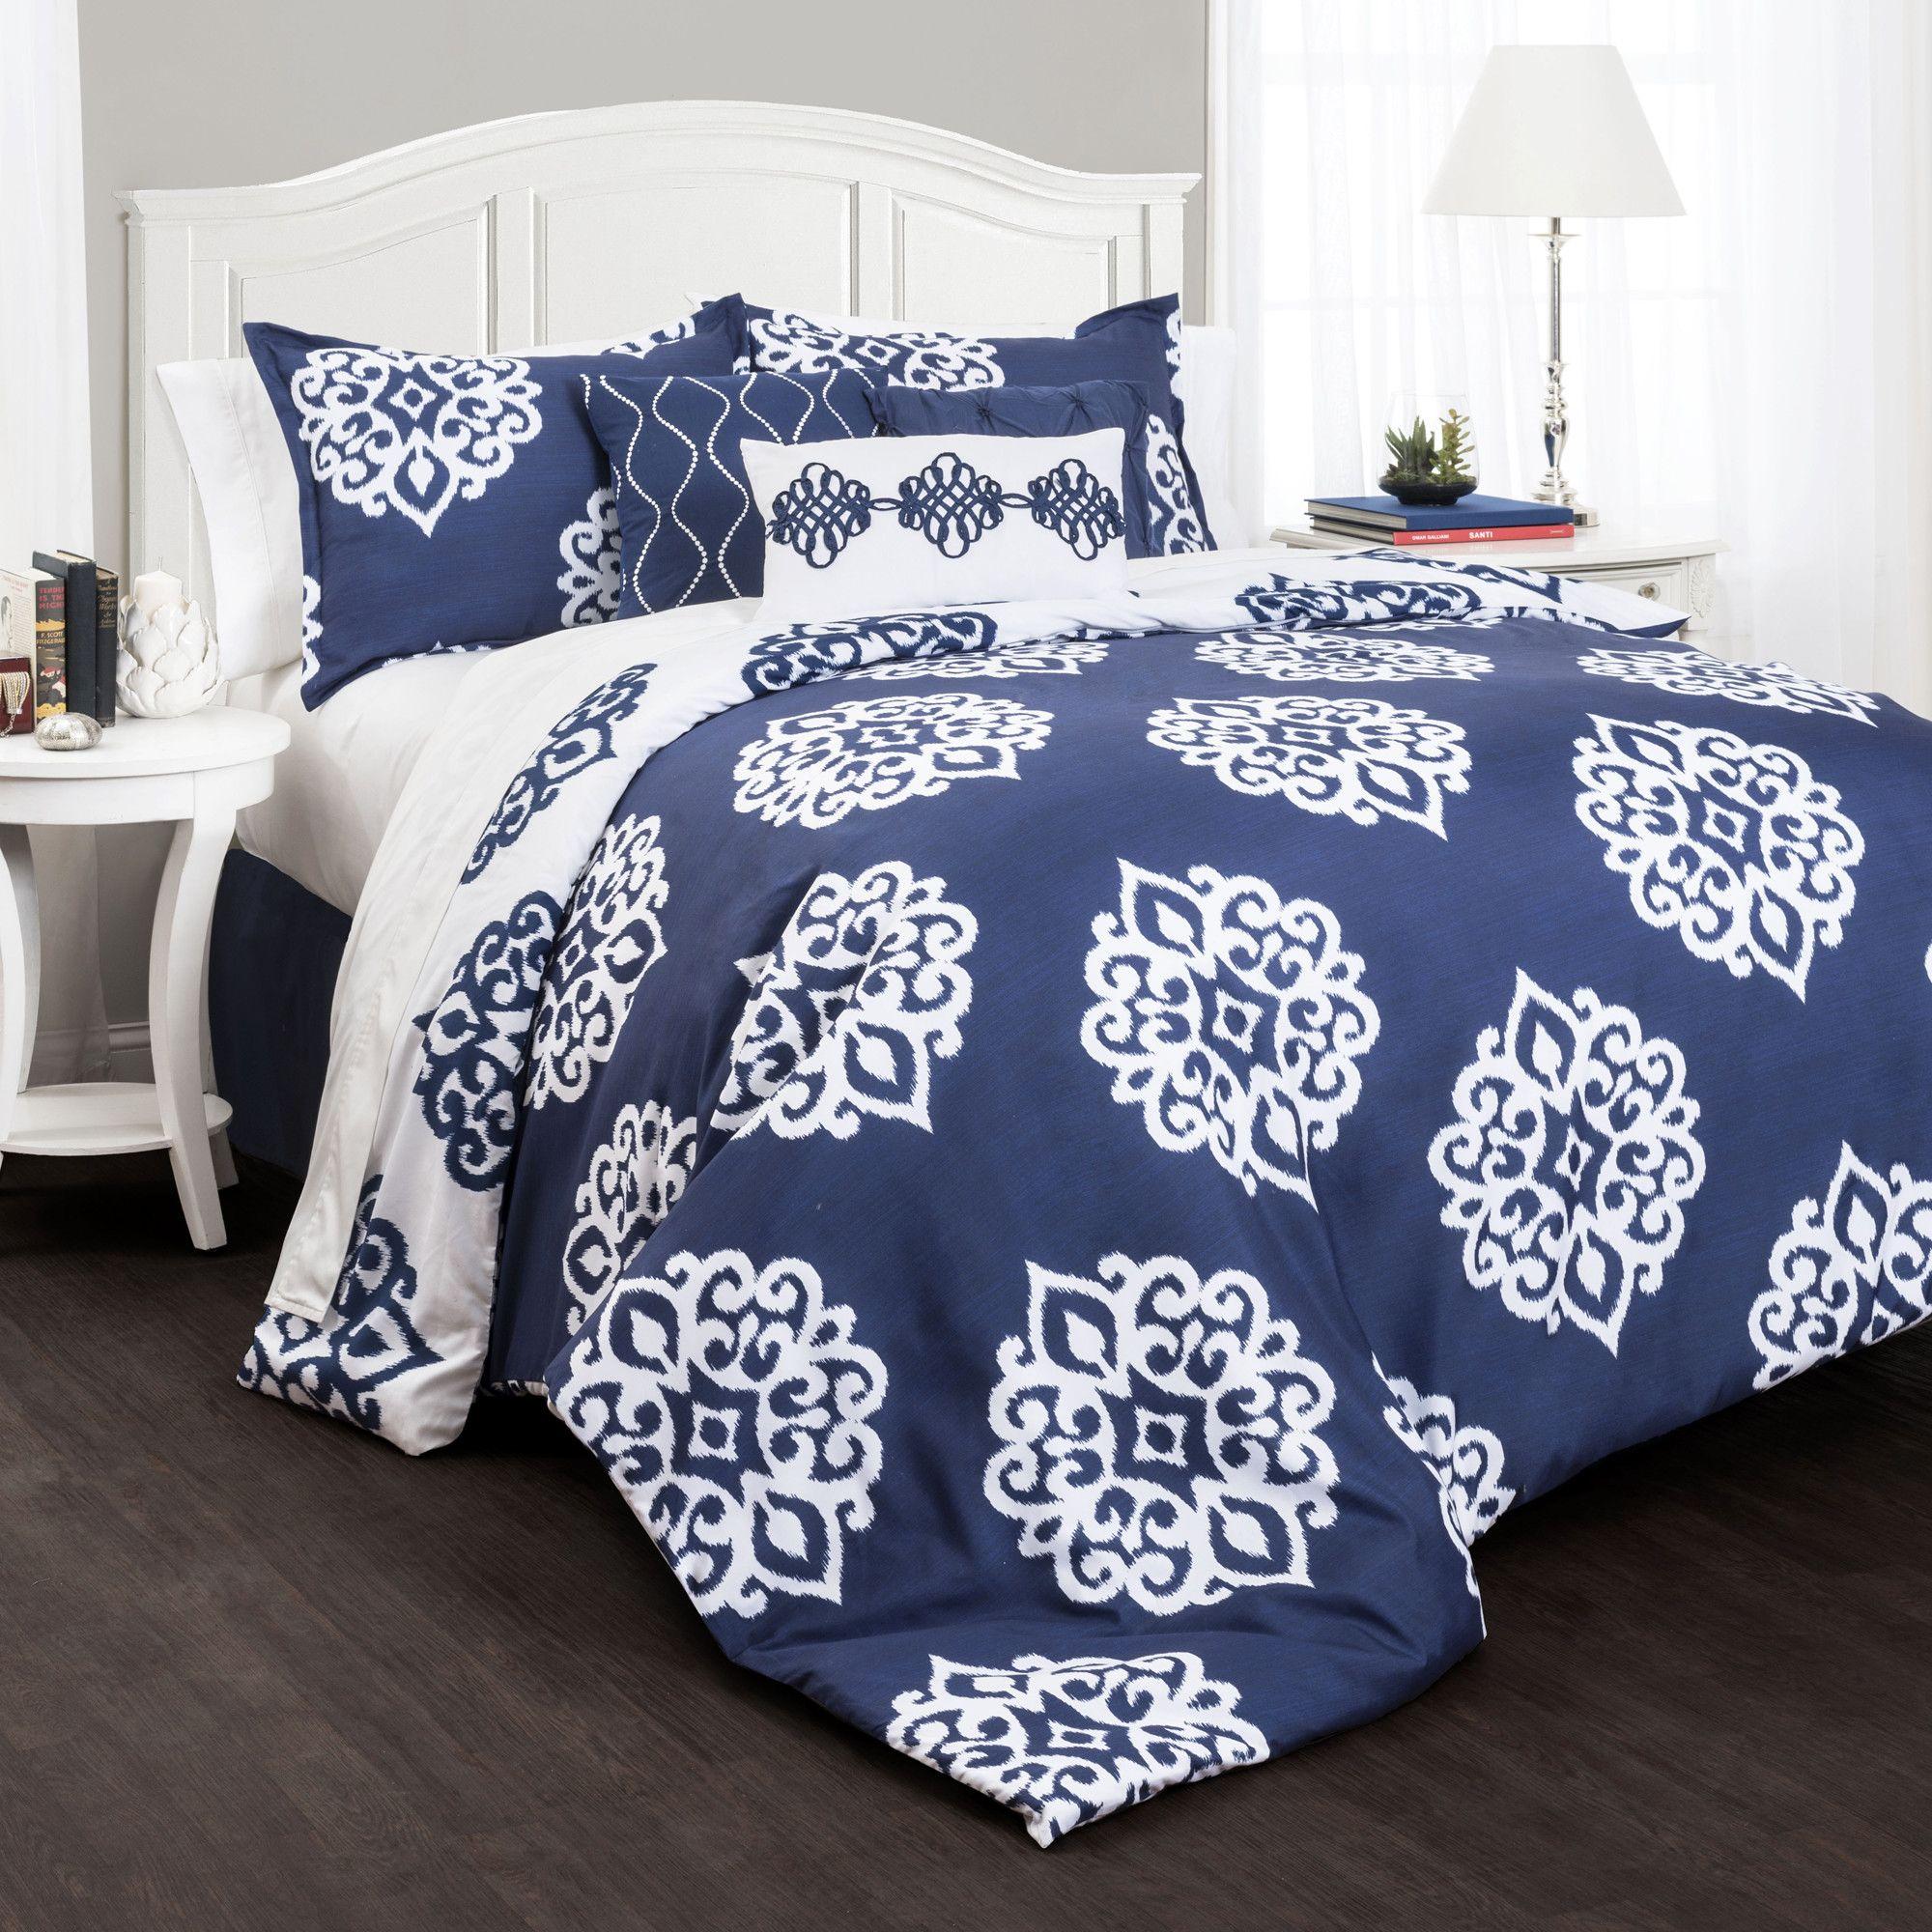 Lush Decor Sophie 7 Piece Comforter Set Comforter Sets Lush Decor Elegant Comforter Sets